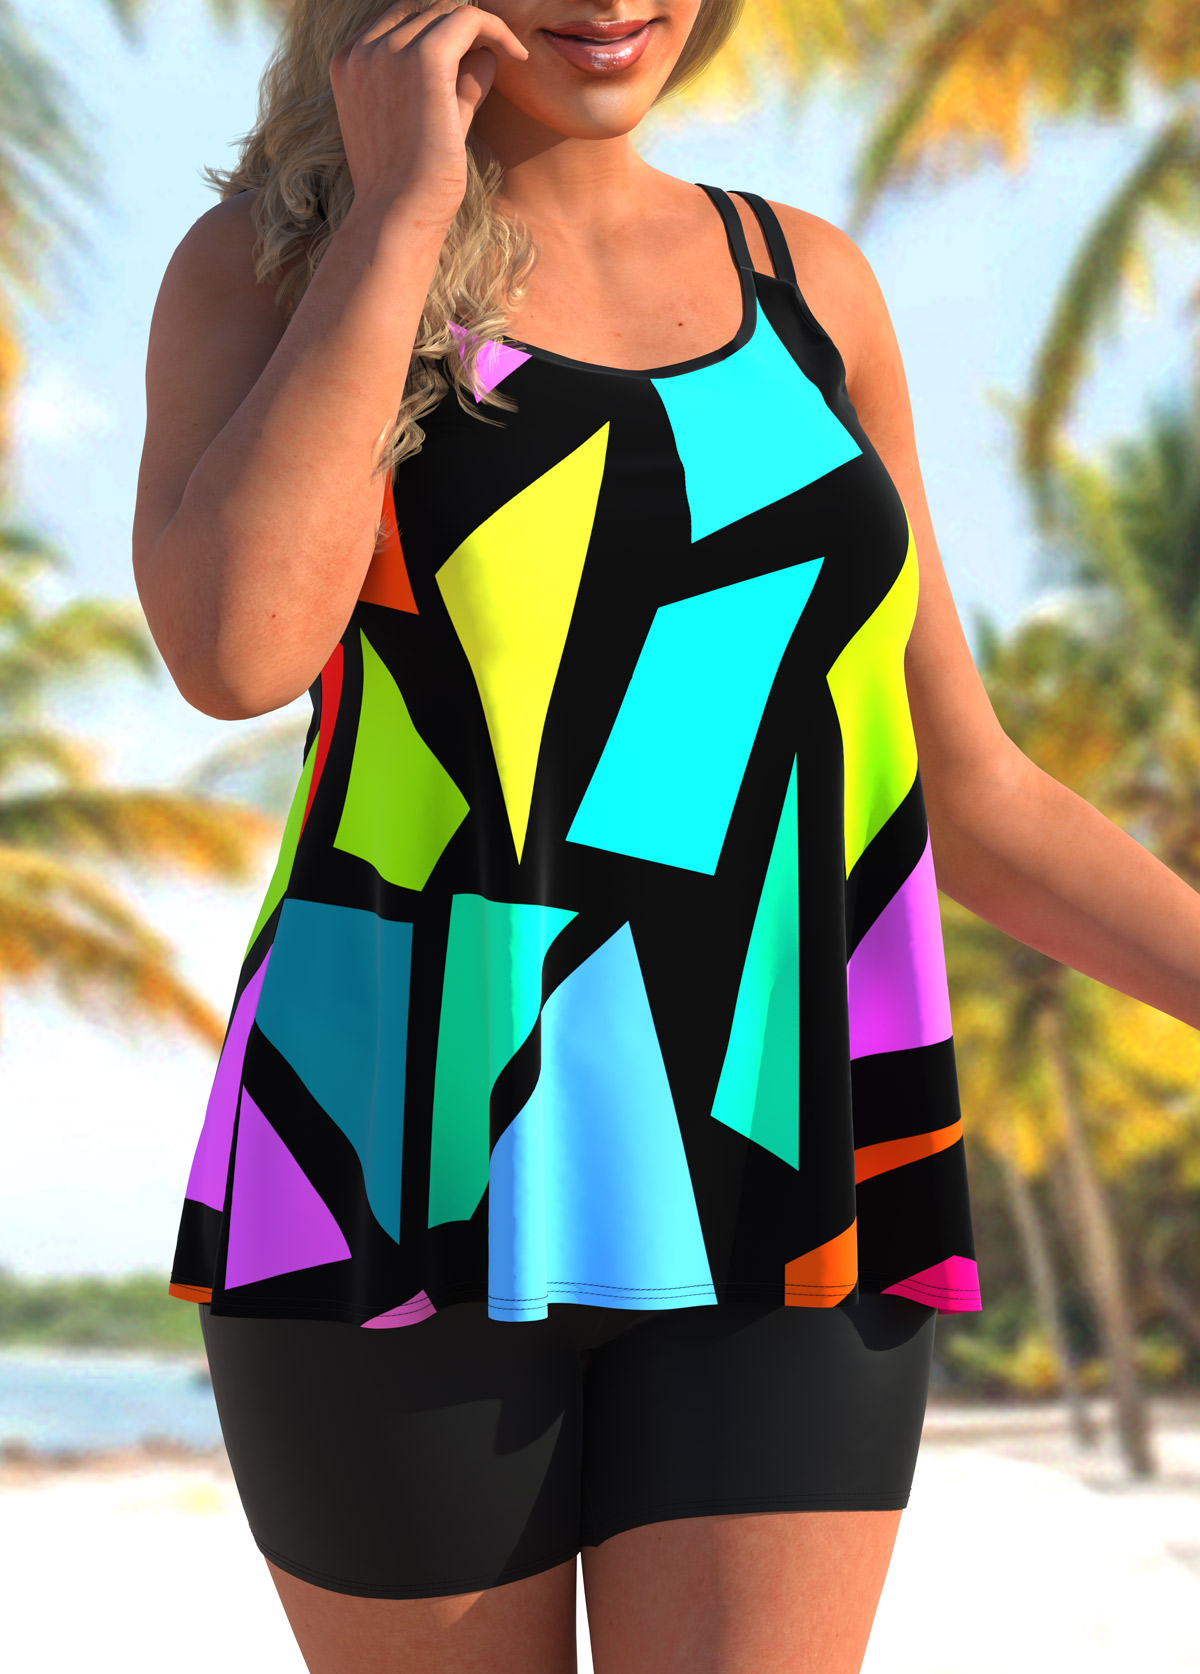 Colorful Plus Size Geometric Print Tankini Set